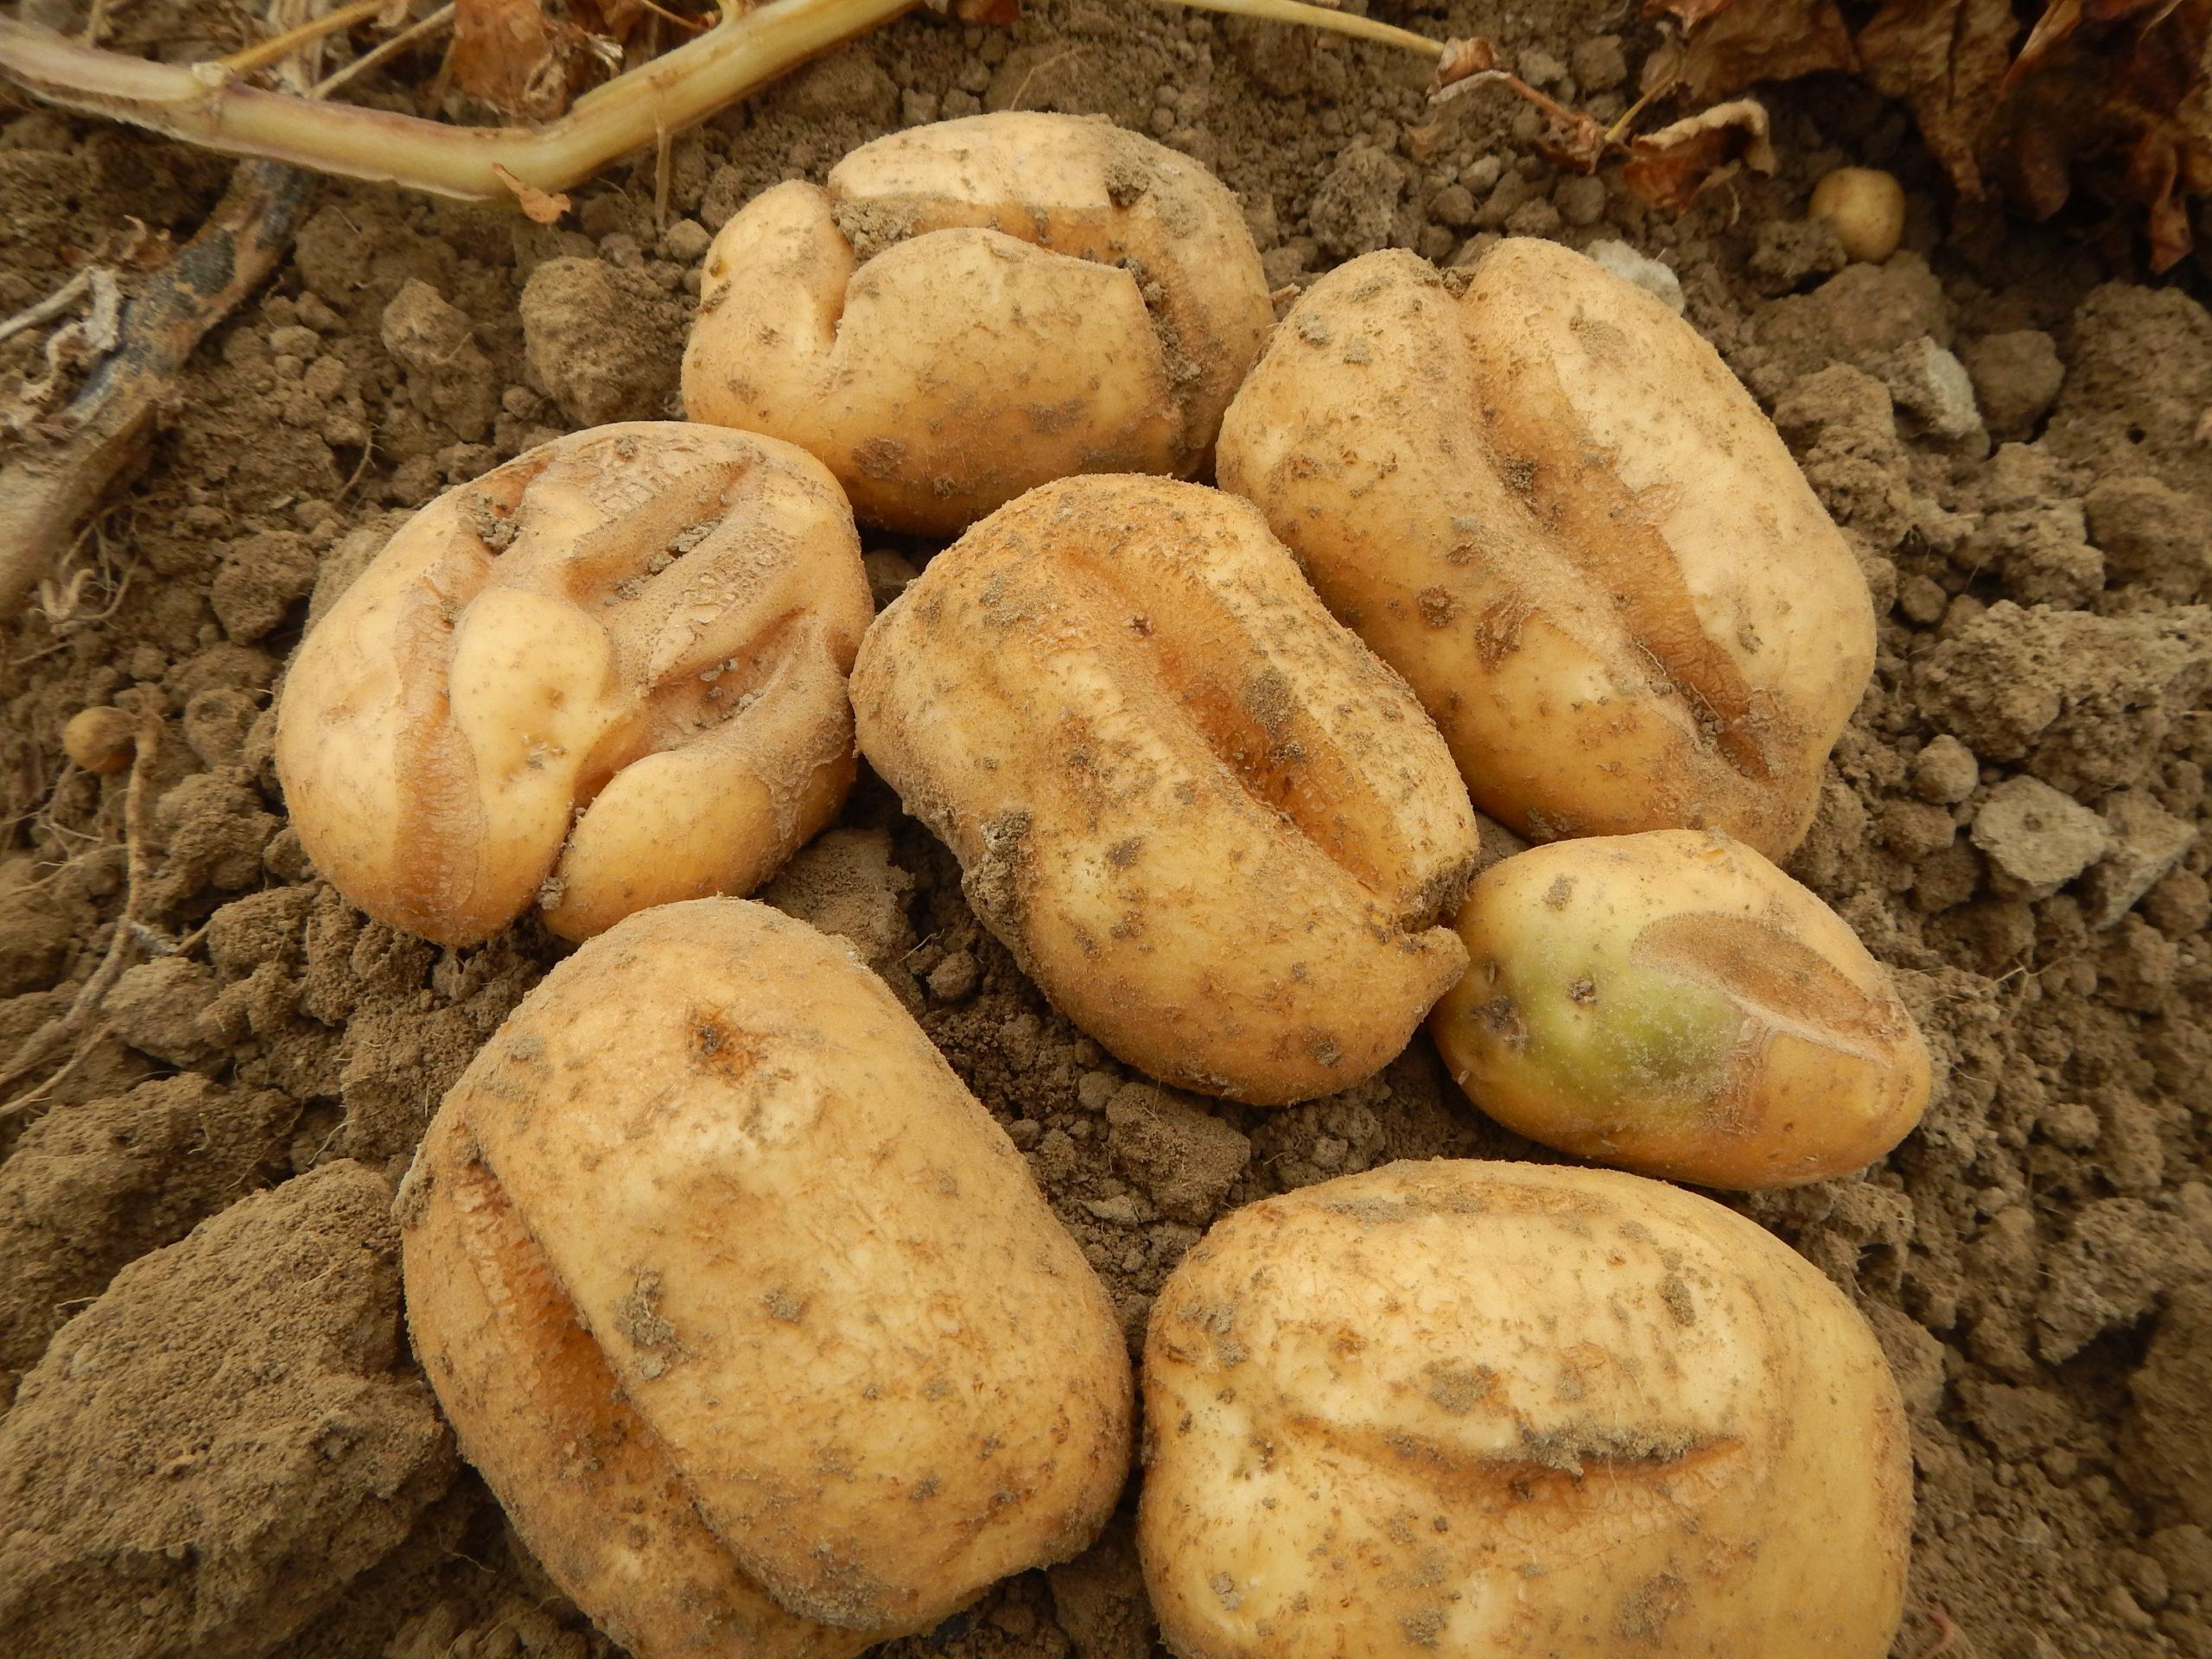 Crevasses de croissance en Fontane: quel impact sur la transformation en frites?